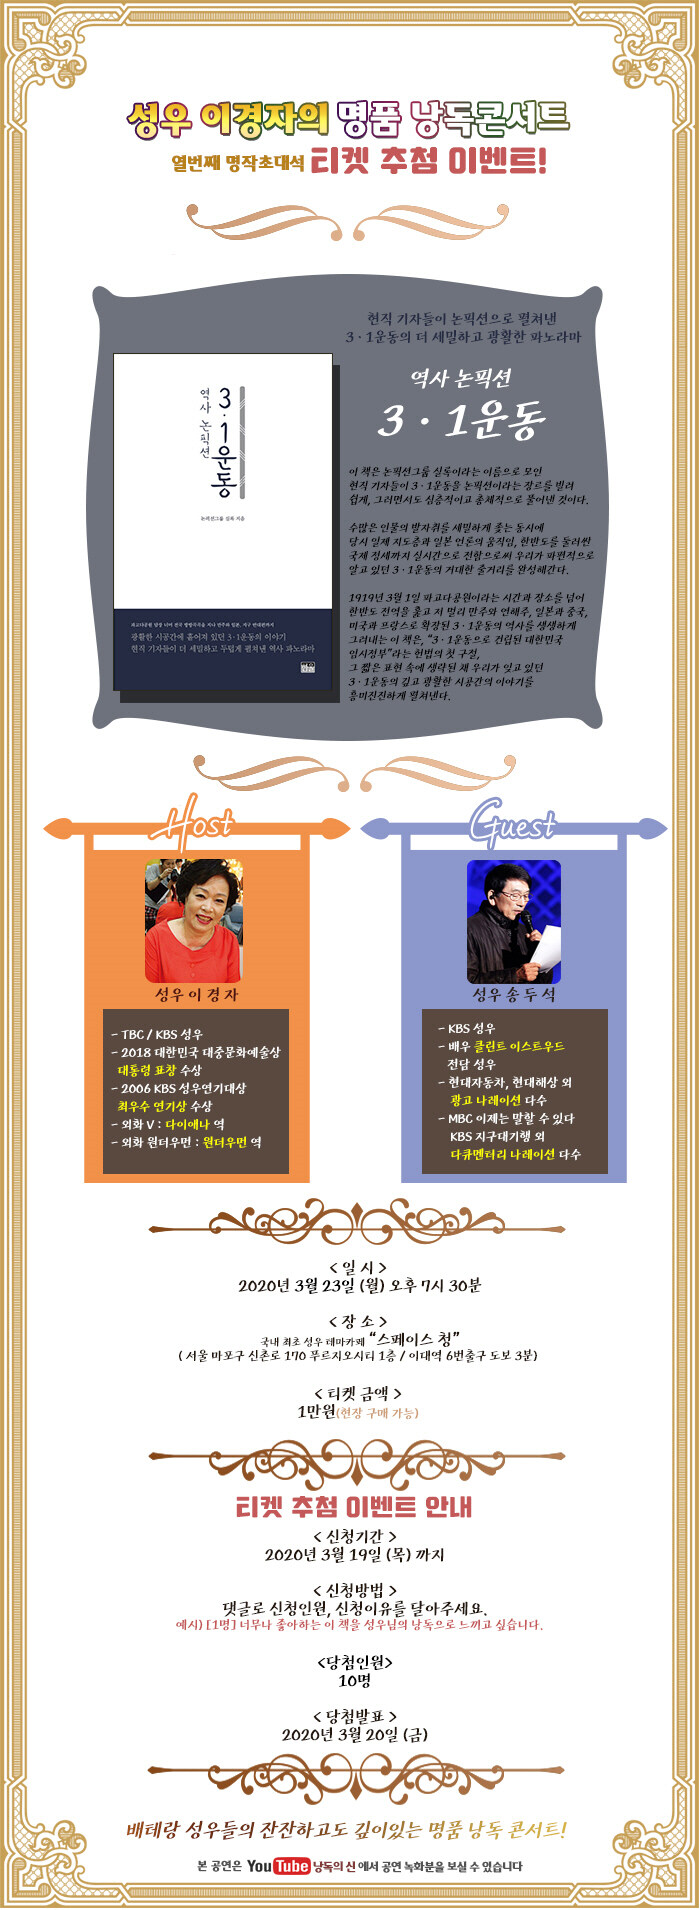 <역사 논픽션 3.1운동> 감성 낭독 콘서트